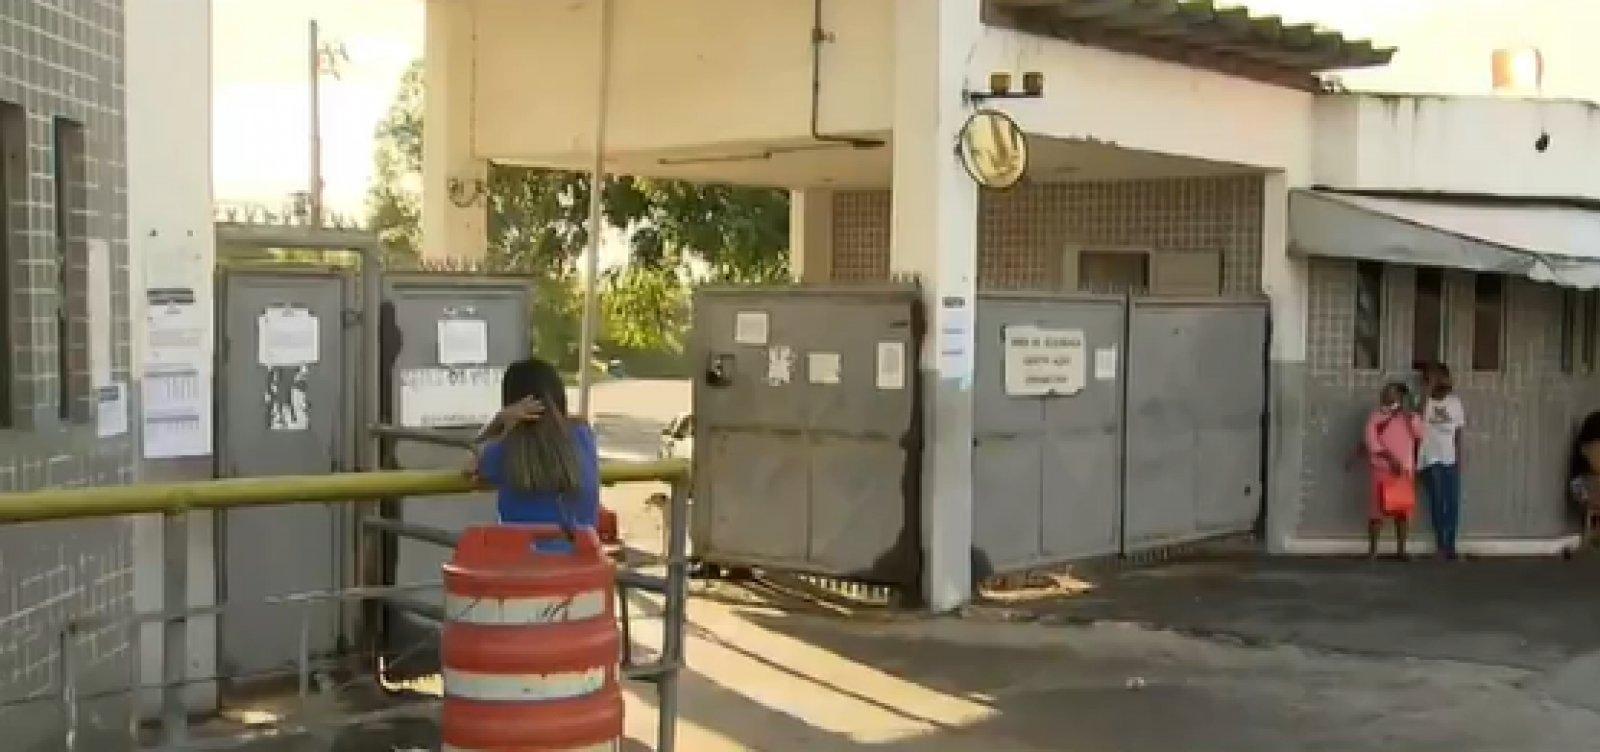 [Unidades prisionais da Bahia retomam visitas presenciais nesta segunda]